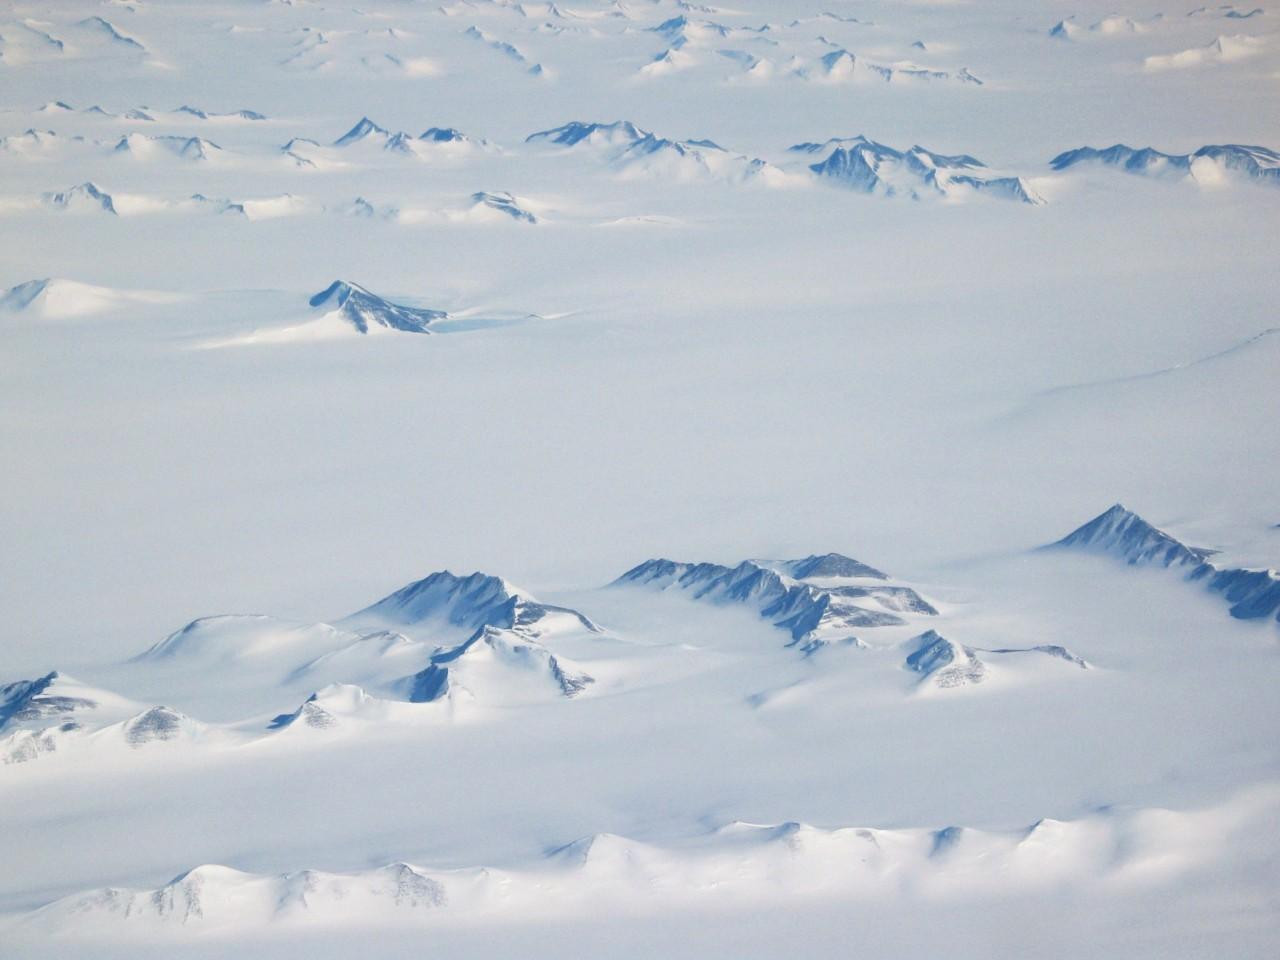 vue-aerienne-montagne-antartique